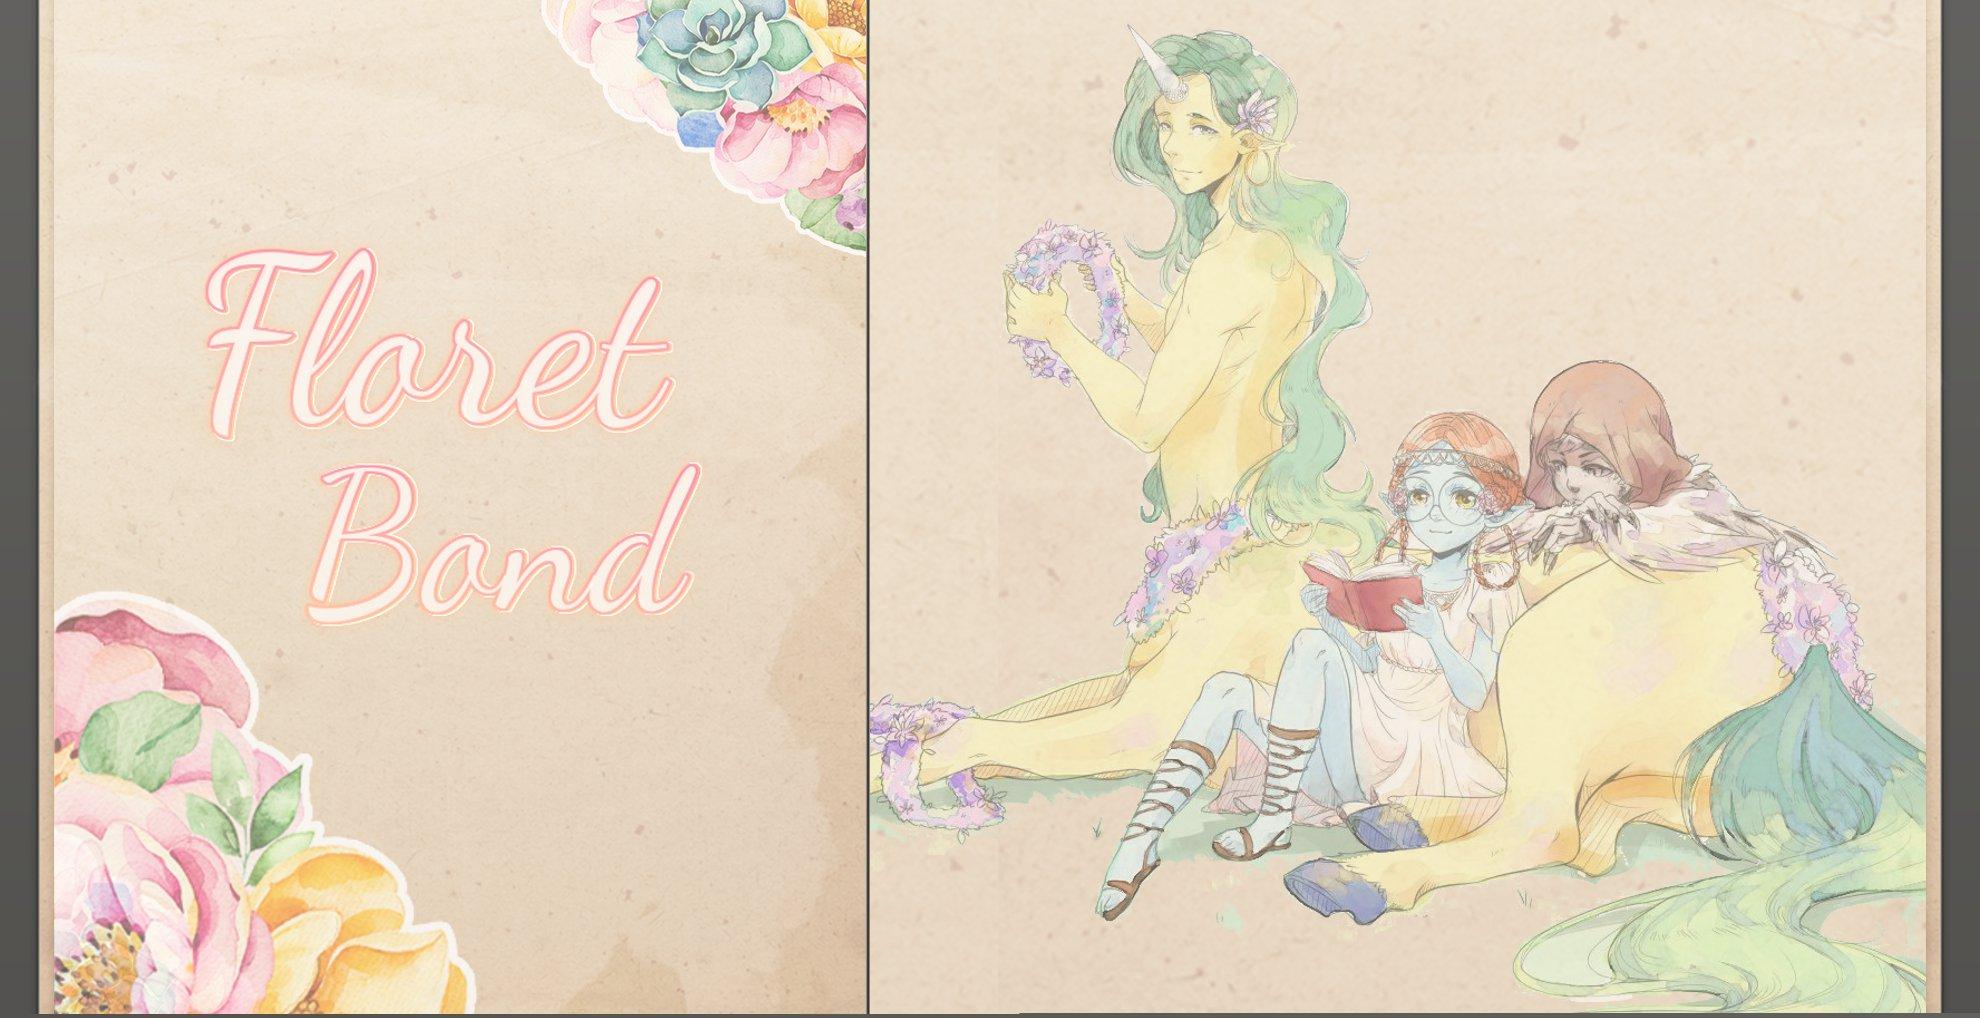 Floret Bond ✿